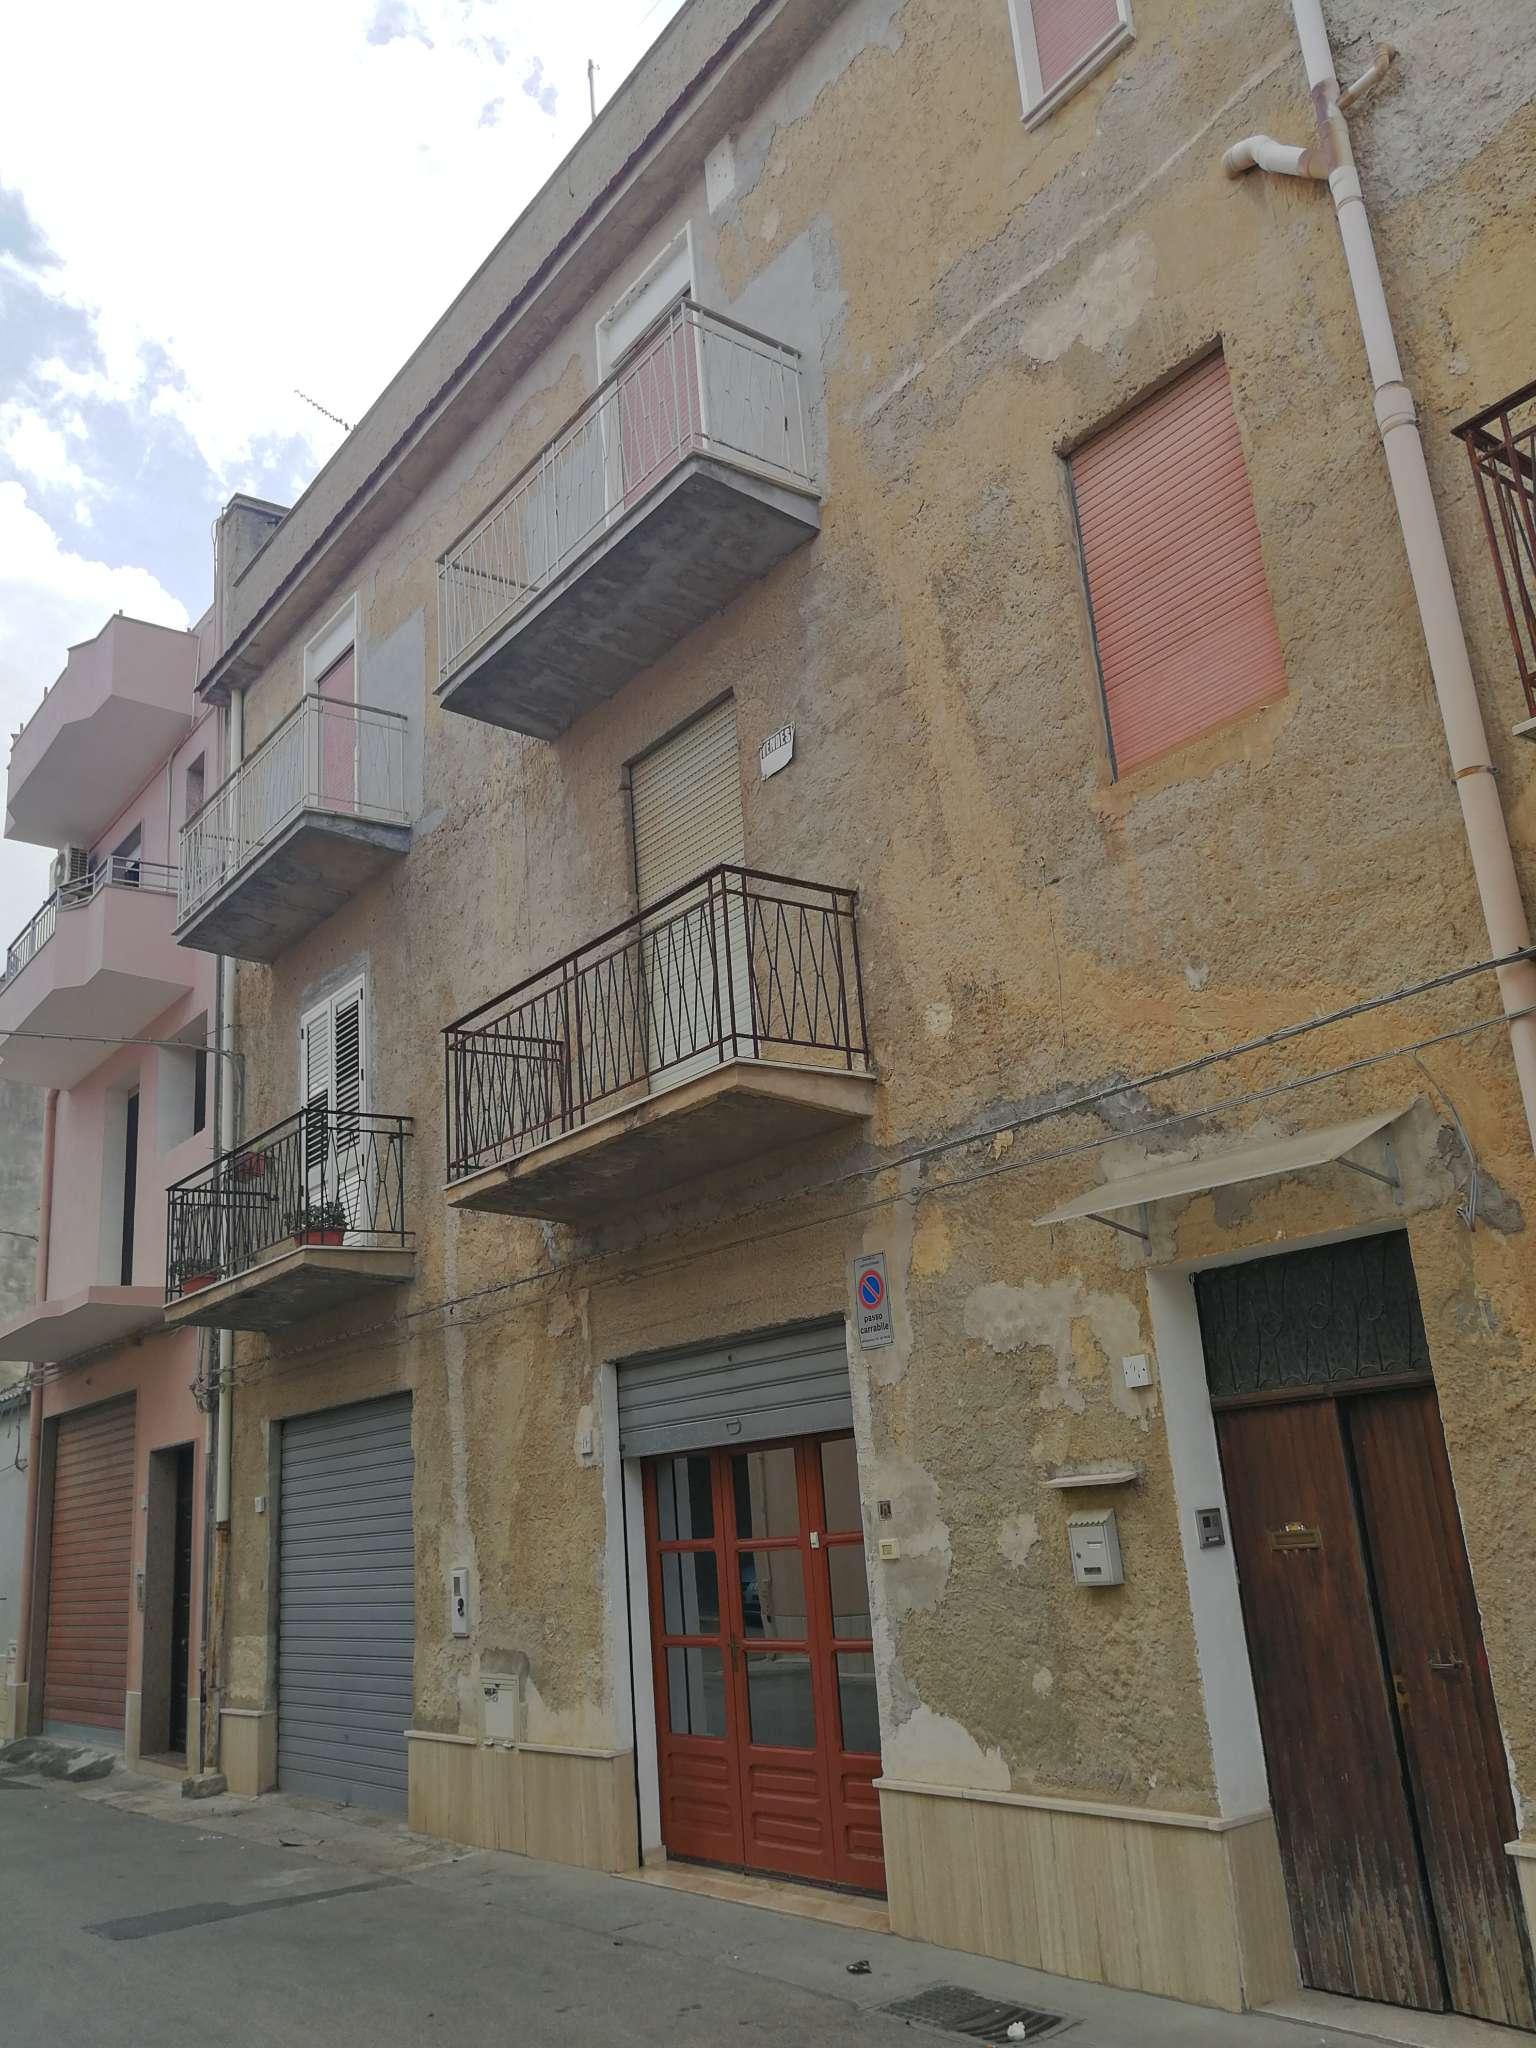 Appartamento in vendita a Castelvetrano, 8 locali, prezzo € 59.000 | PortaleAgenzieImmobiliari.it